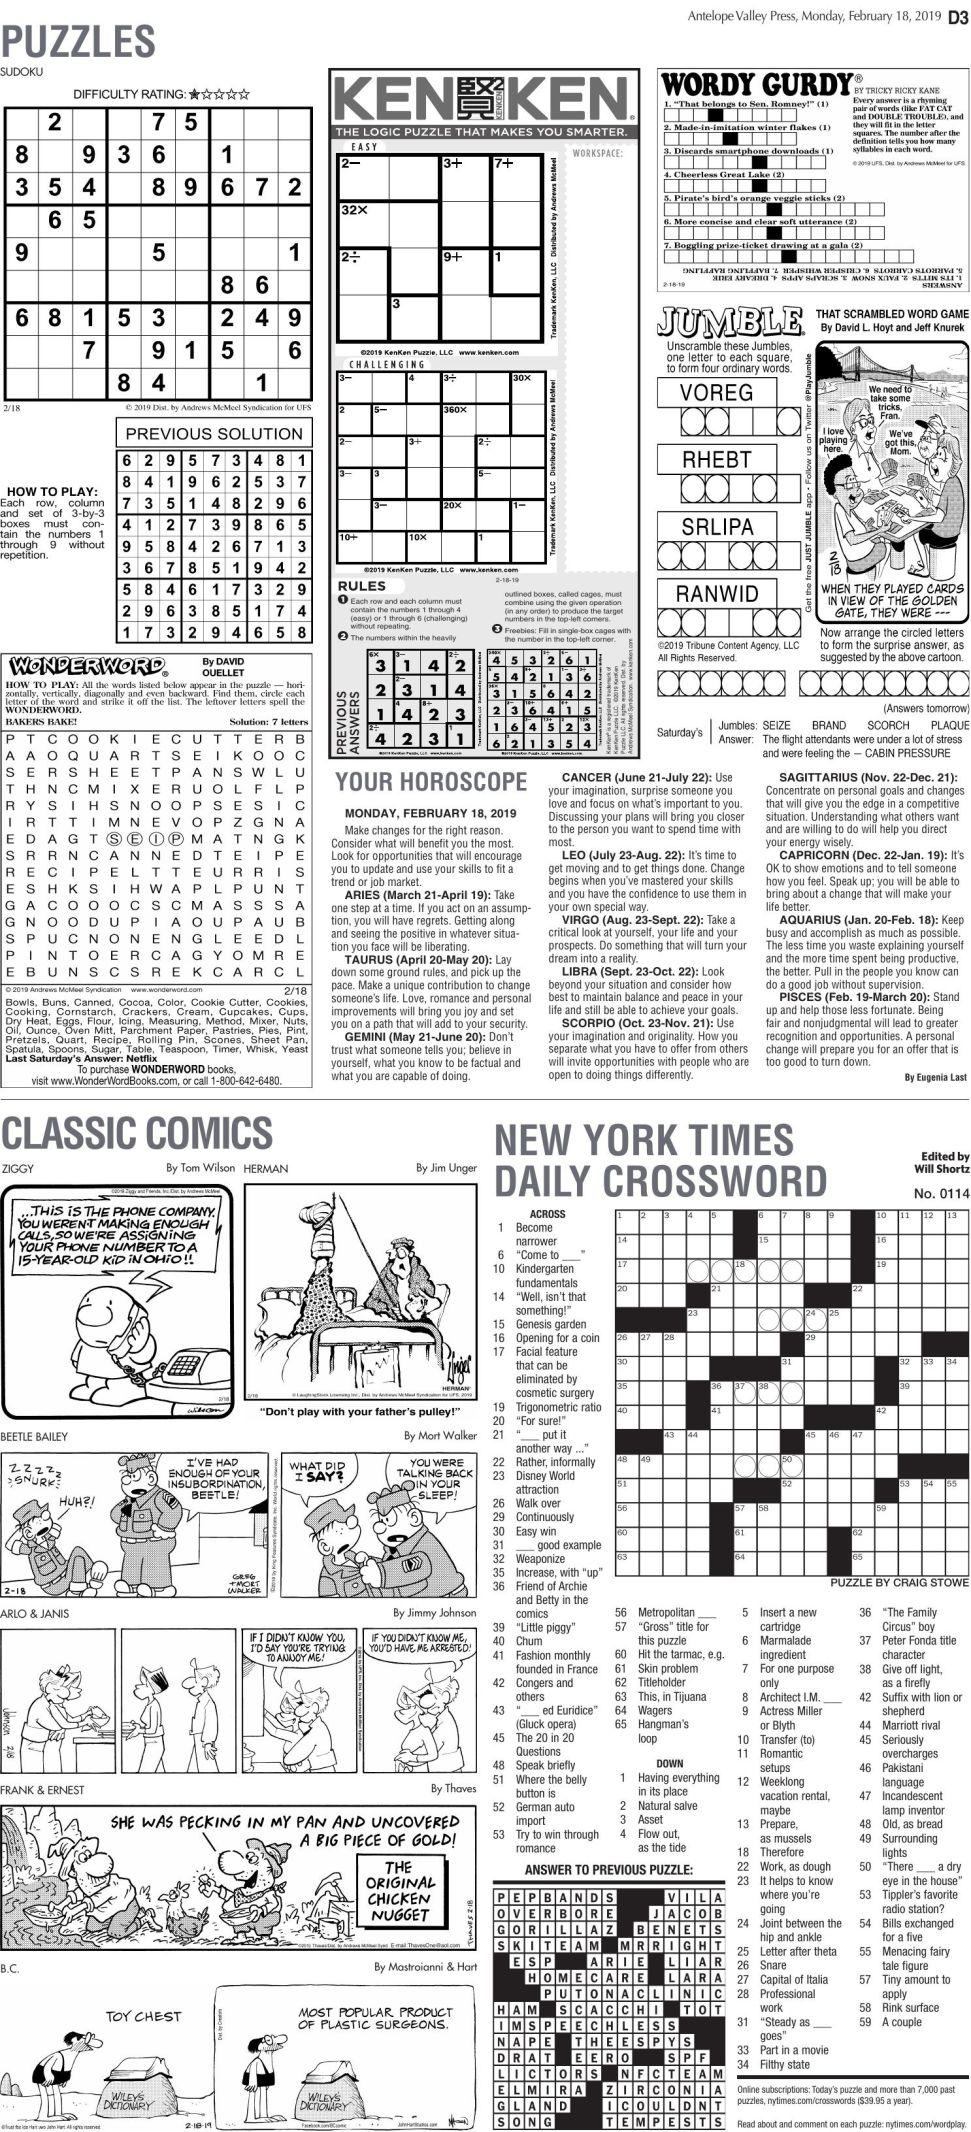 Feb. 18, 2019 Puzzles